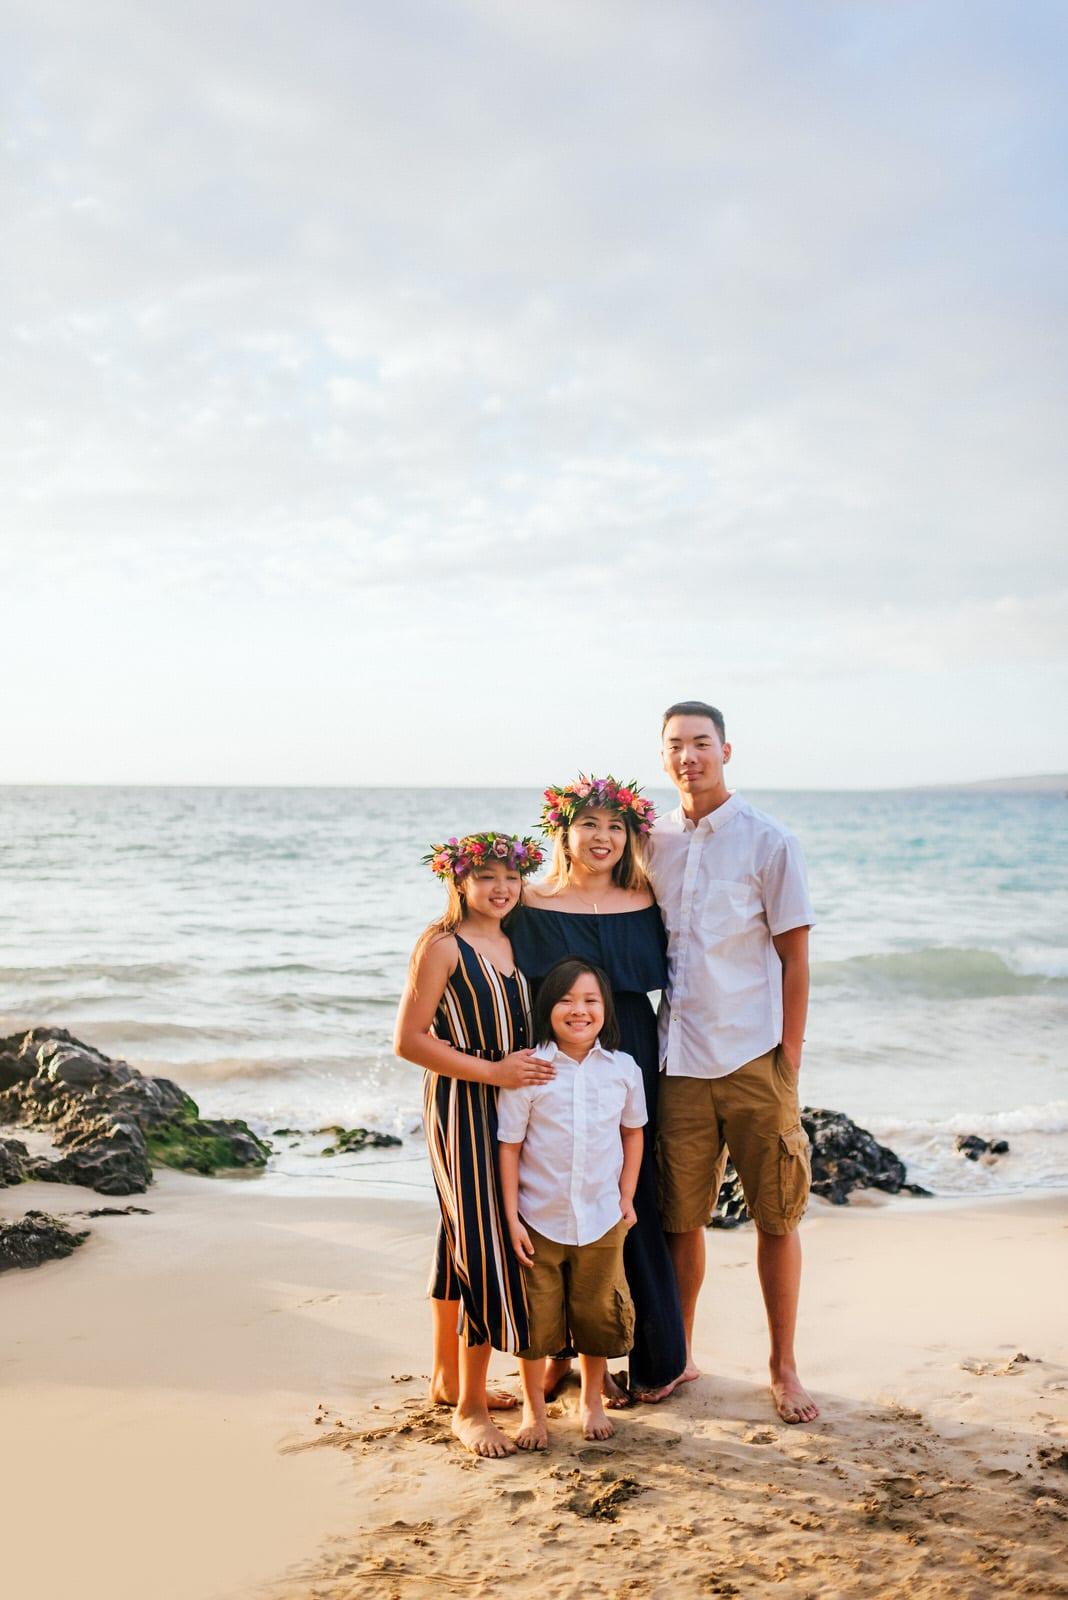 Mauna-Kea-Waikoloa-Family-Photographer-Hawaii-JW-14.jpg